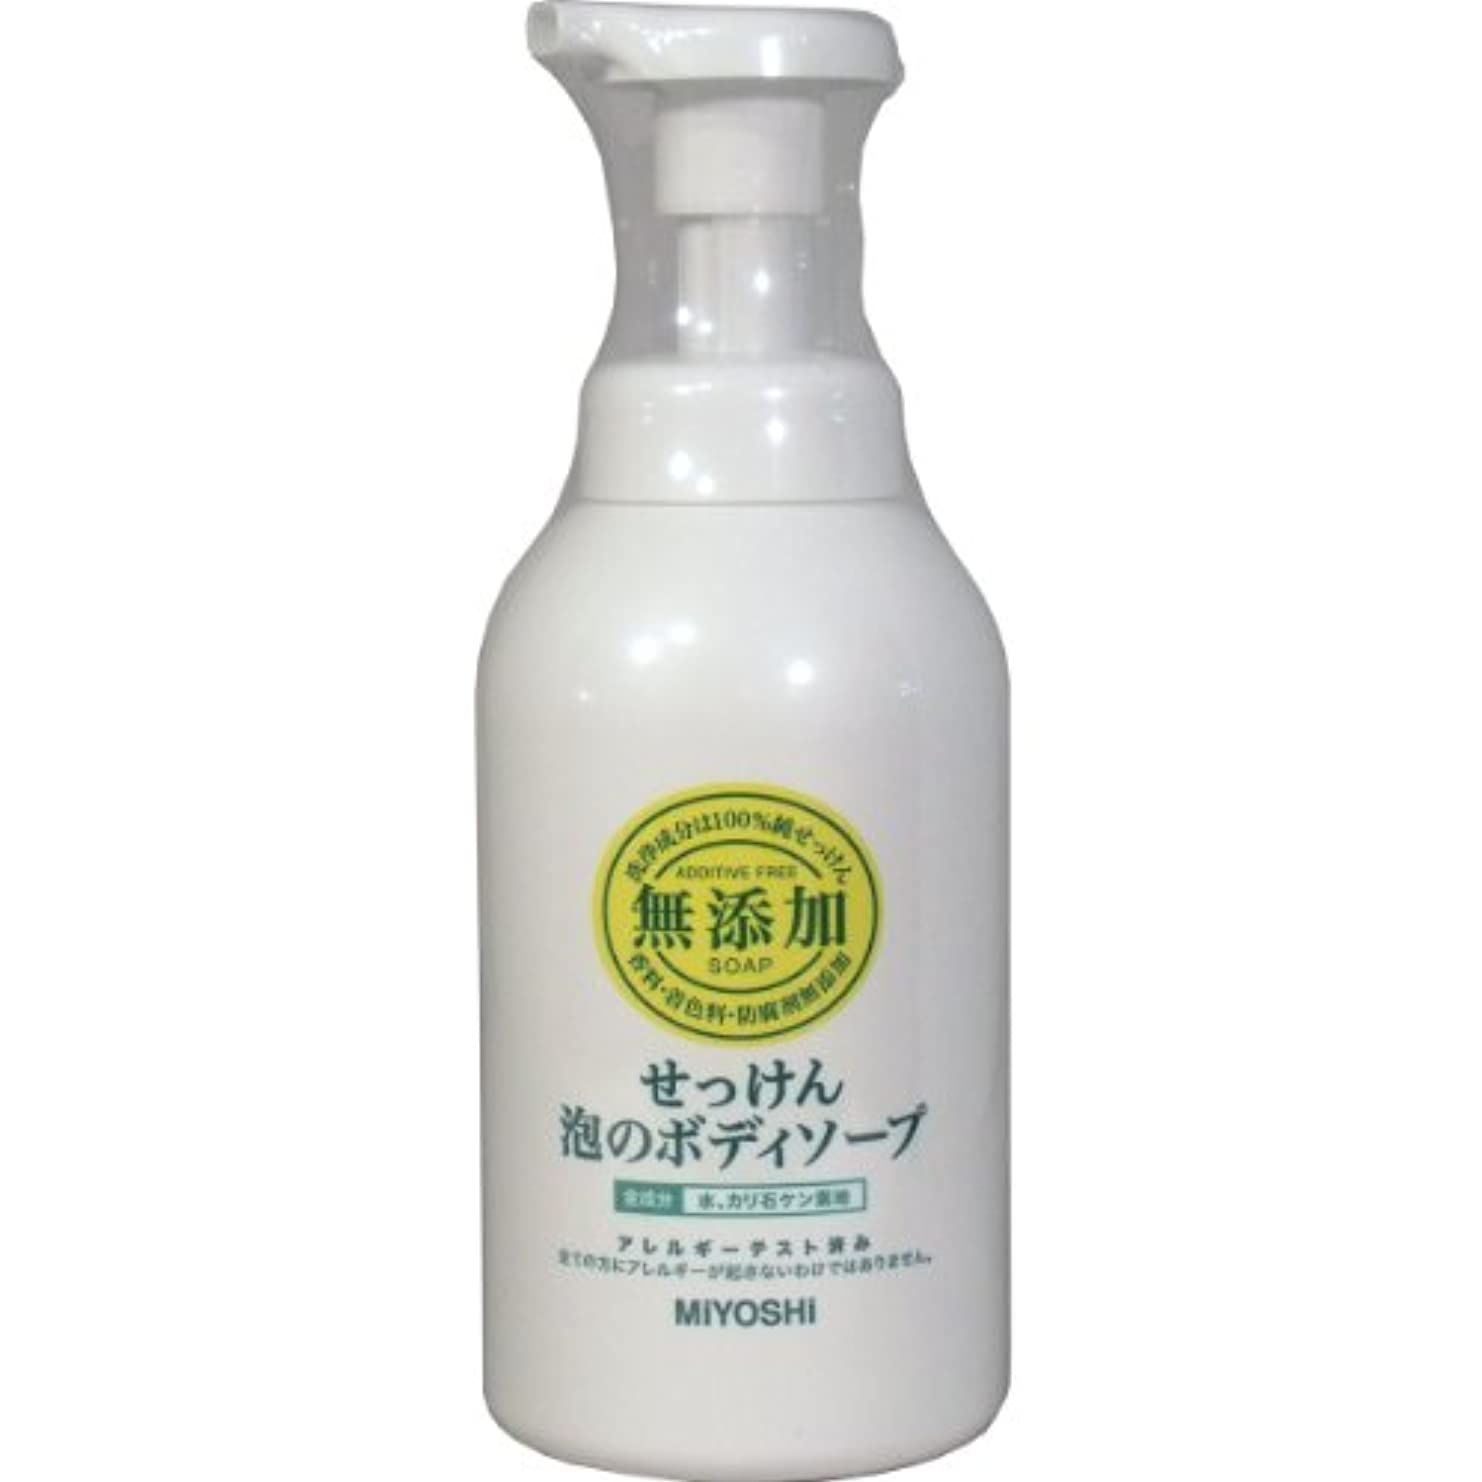 【まとめ買い】ミヨシ 無添加 せっけん泡のボディソープ ポンプ 500ml ×2セット